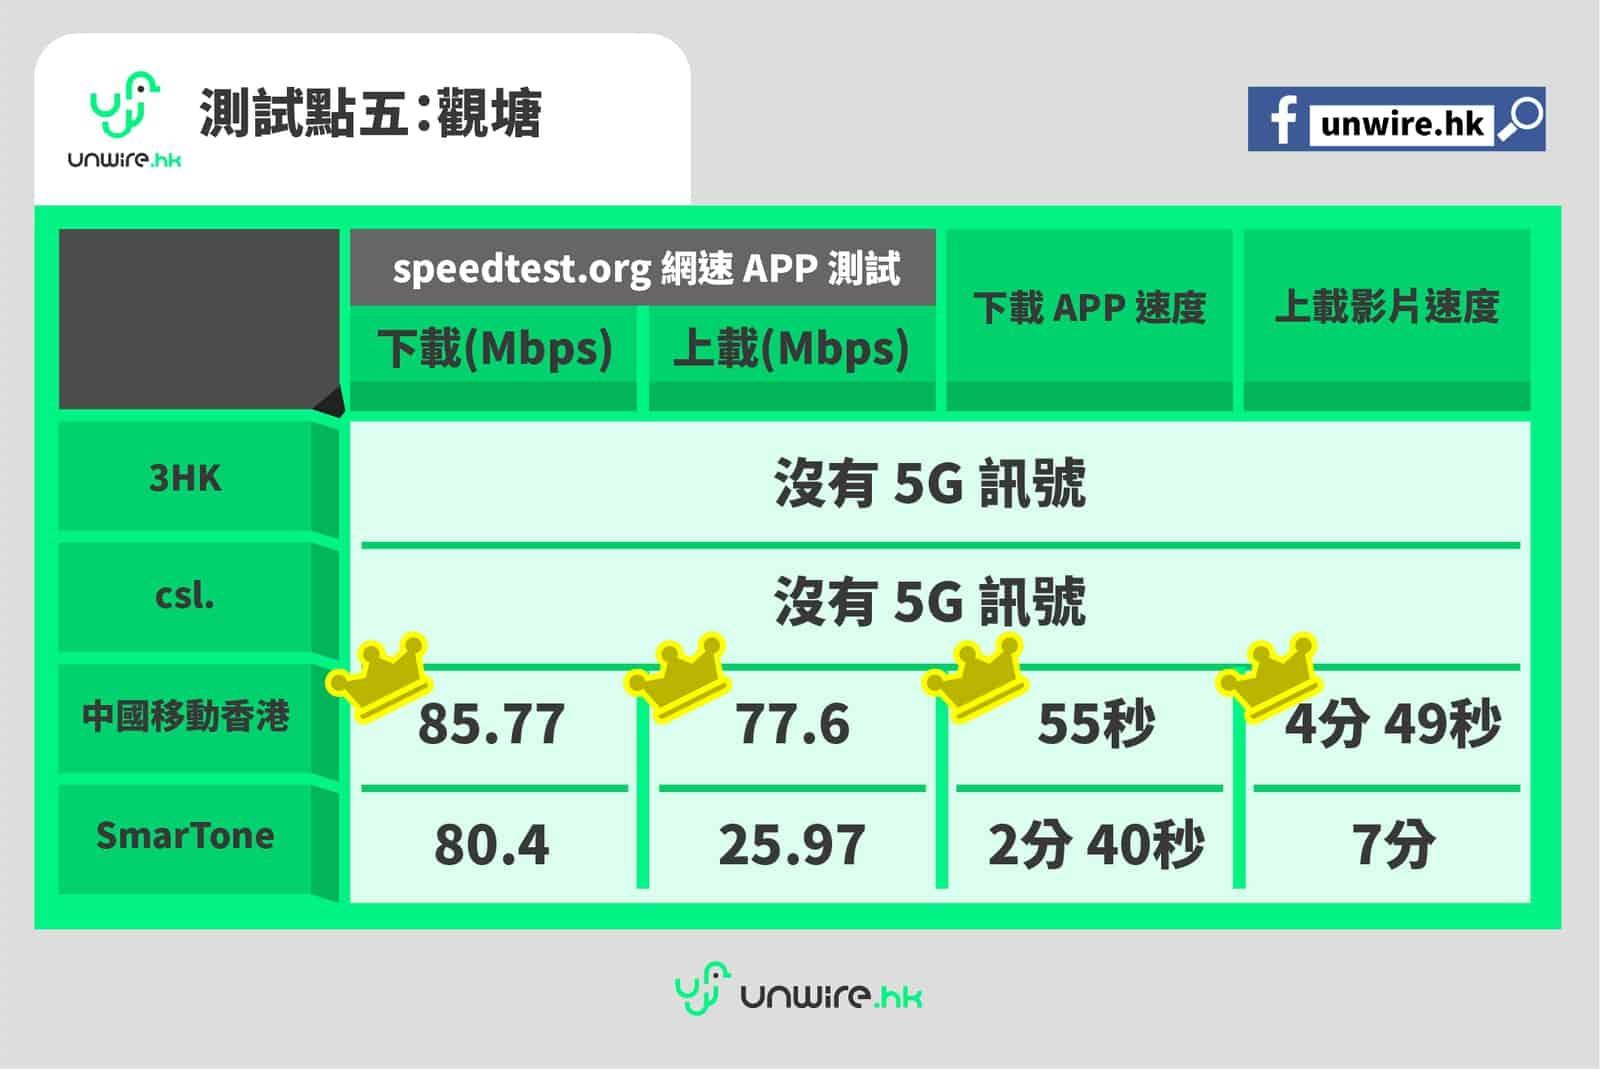 【測試】5G 速度比較: 3HK csl. CMHK SmarTone 5G 旺區表現 - 香港 unwire.hk